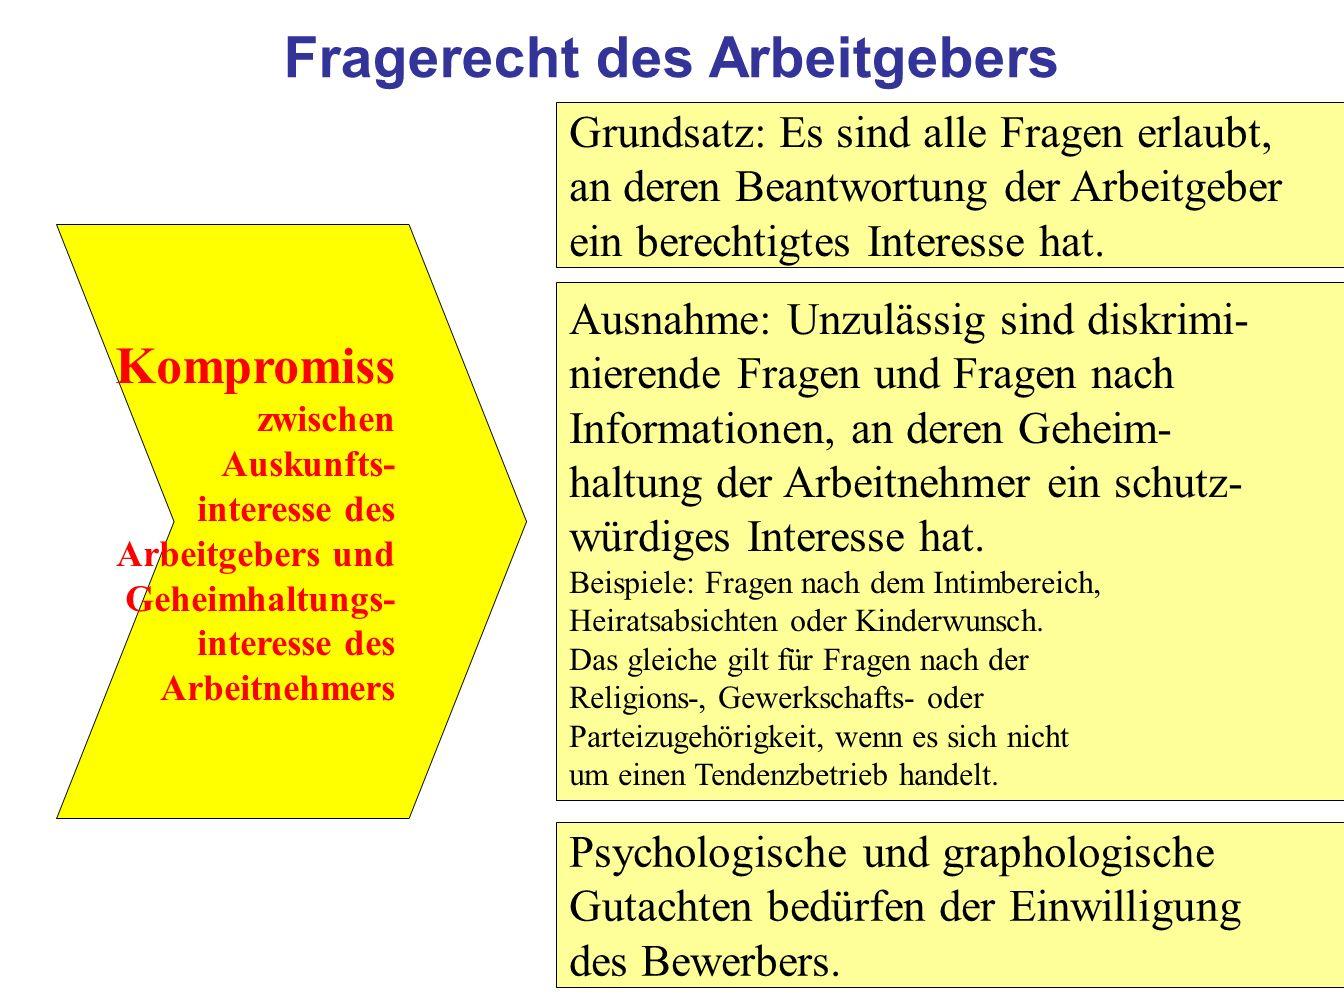 49 Kompromiss zwischen Auskunfts- interesse des Arbeitgebers und Geheimhaltungs- interesse des Arbeitnehmers Grundsatz: Es sind alle Fragen erlaubt, a